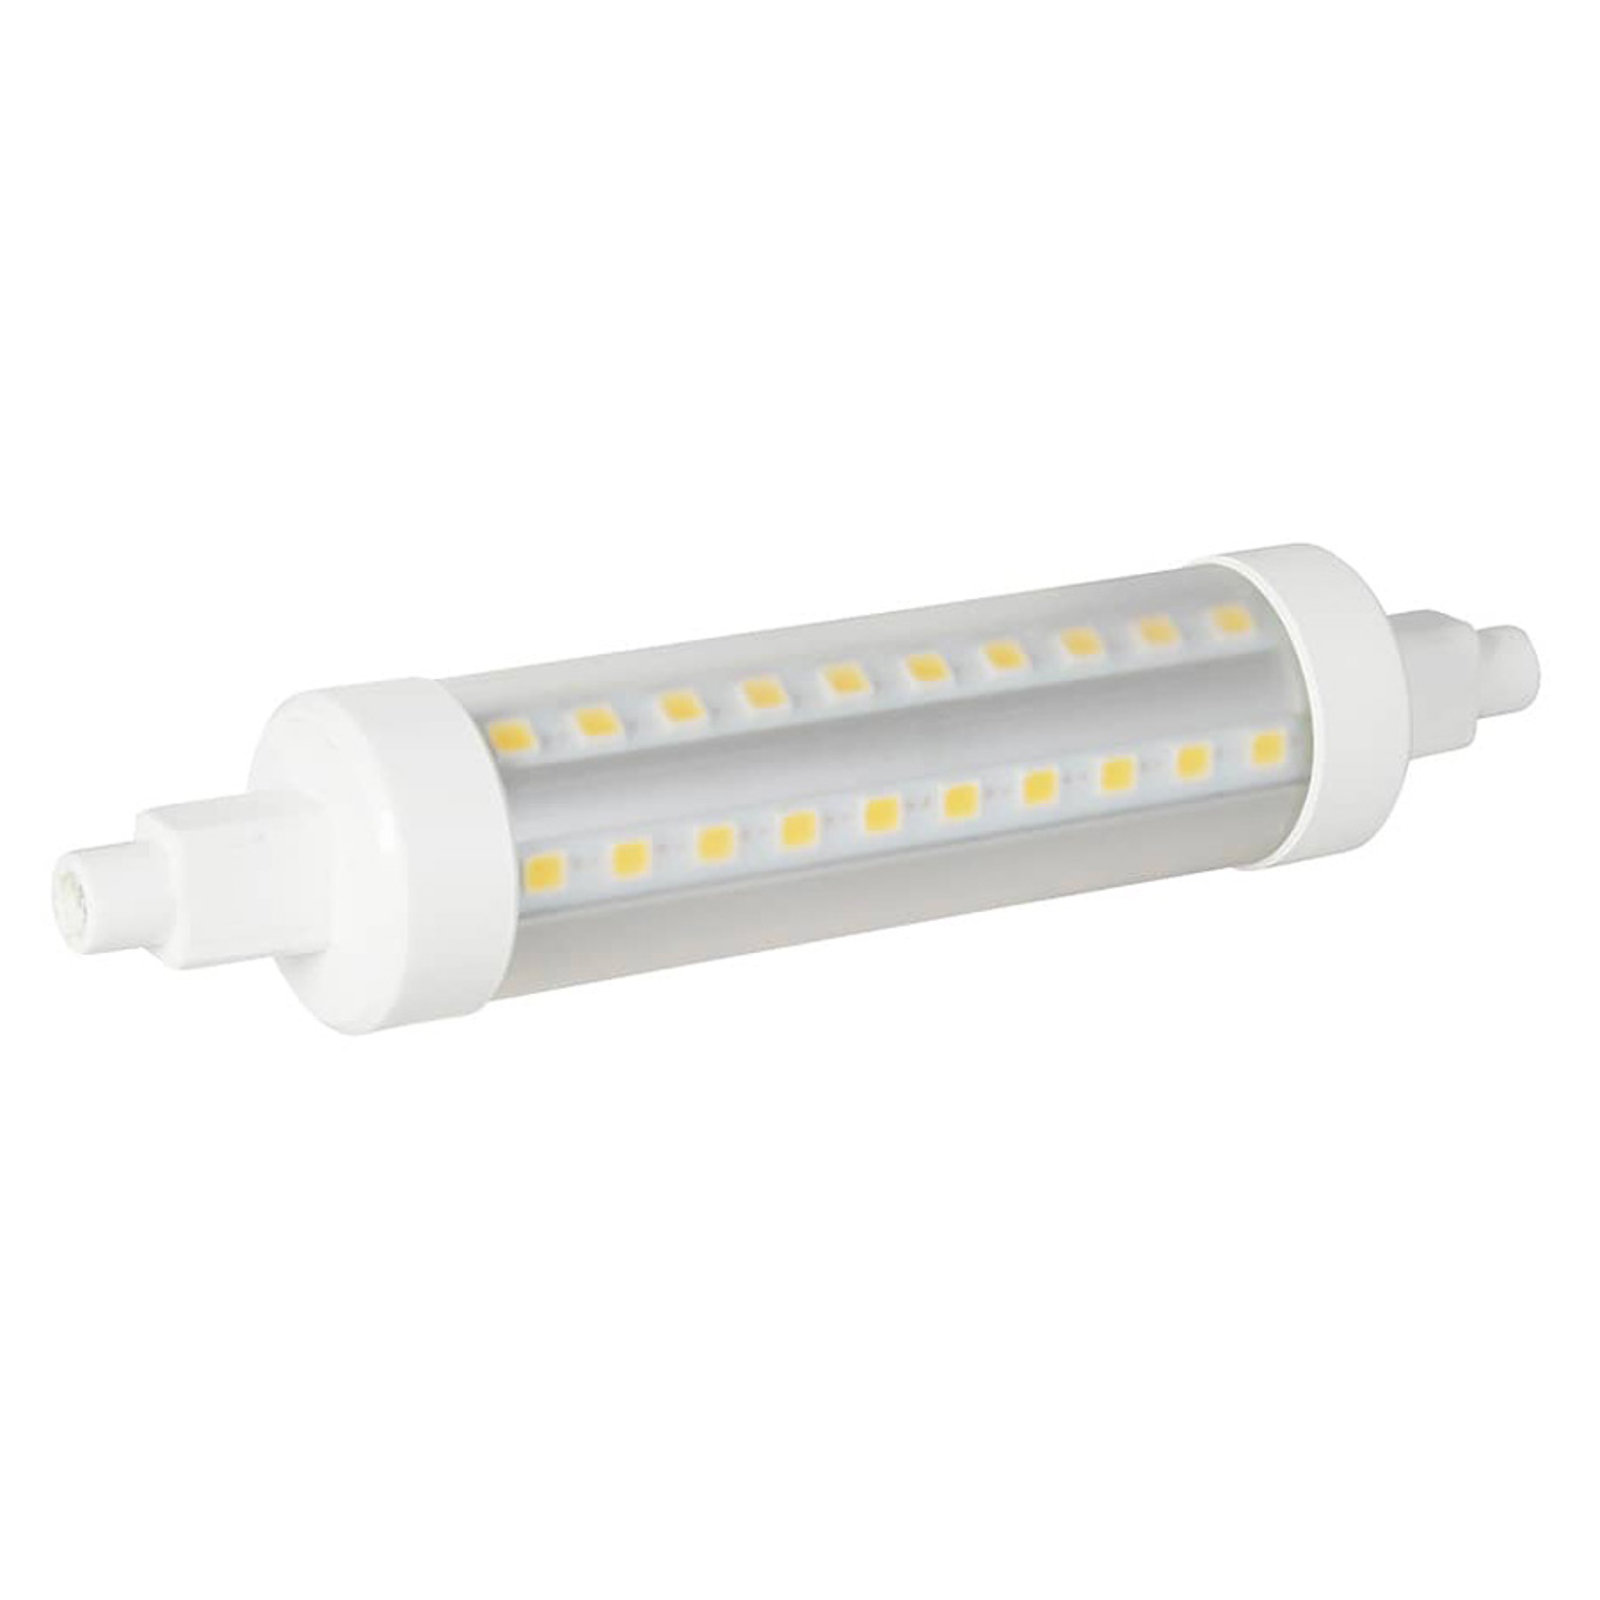 LED-Lampe VEO R7s 118mm 14W warmweiß 2.700K